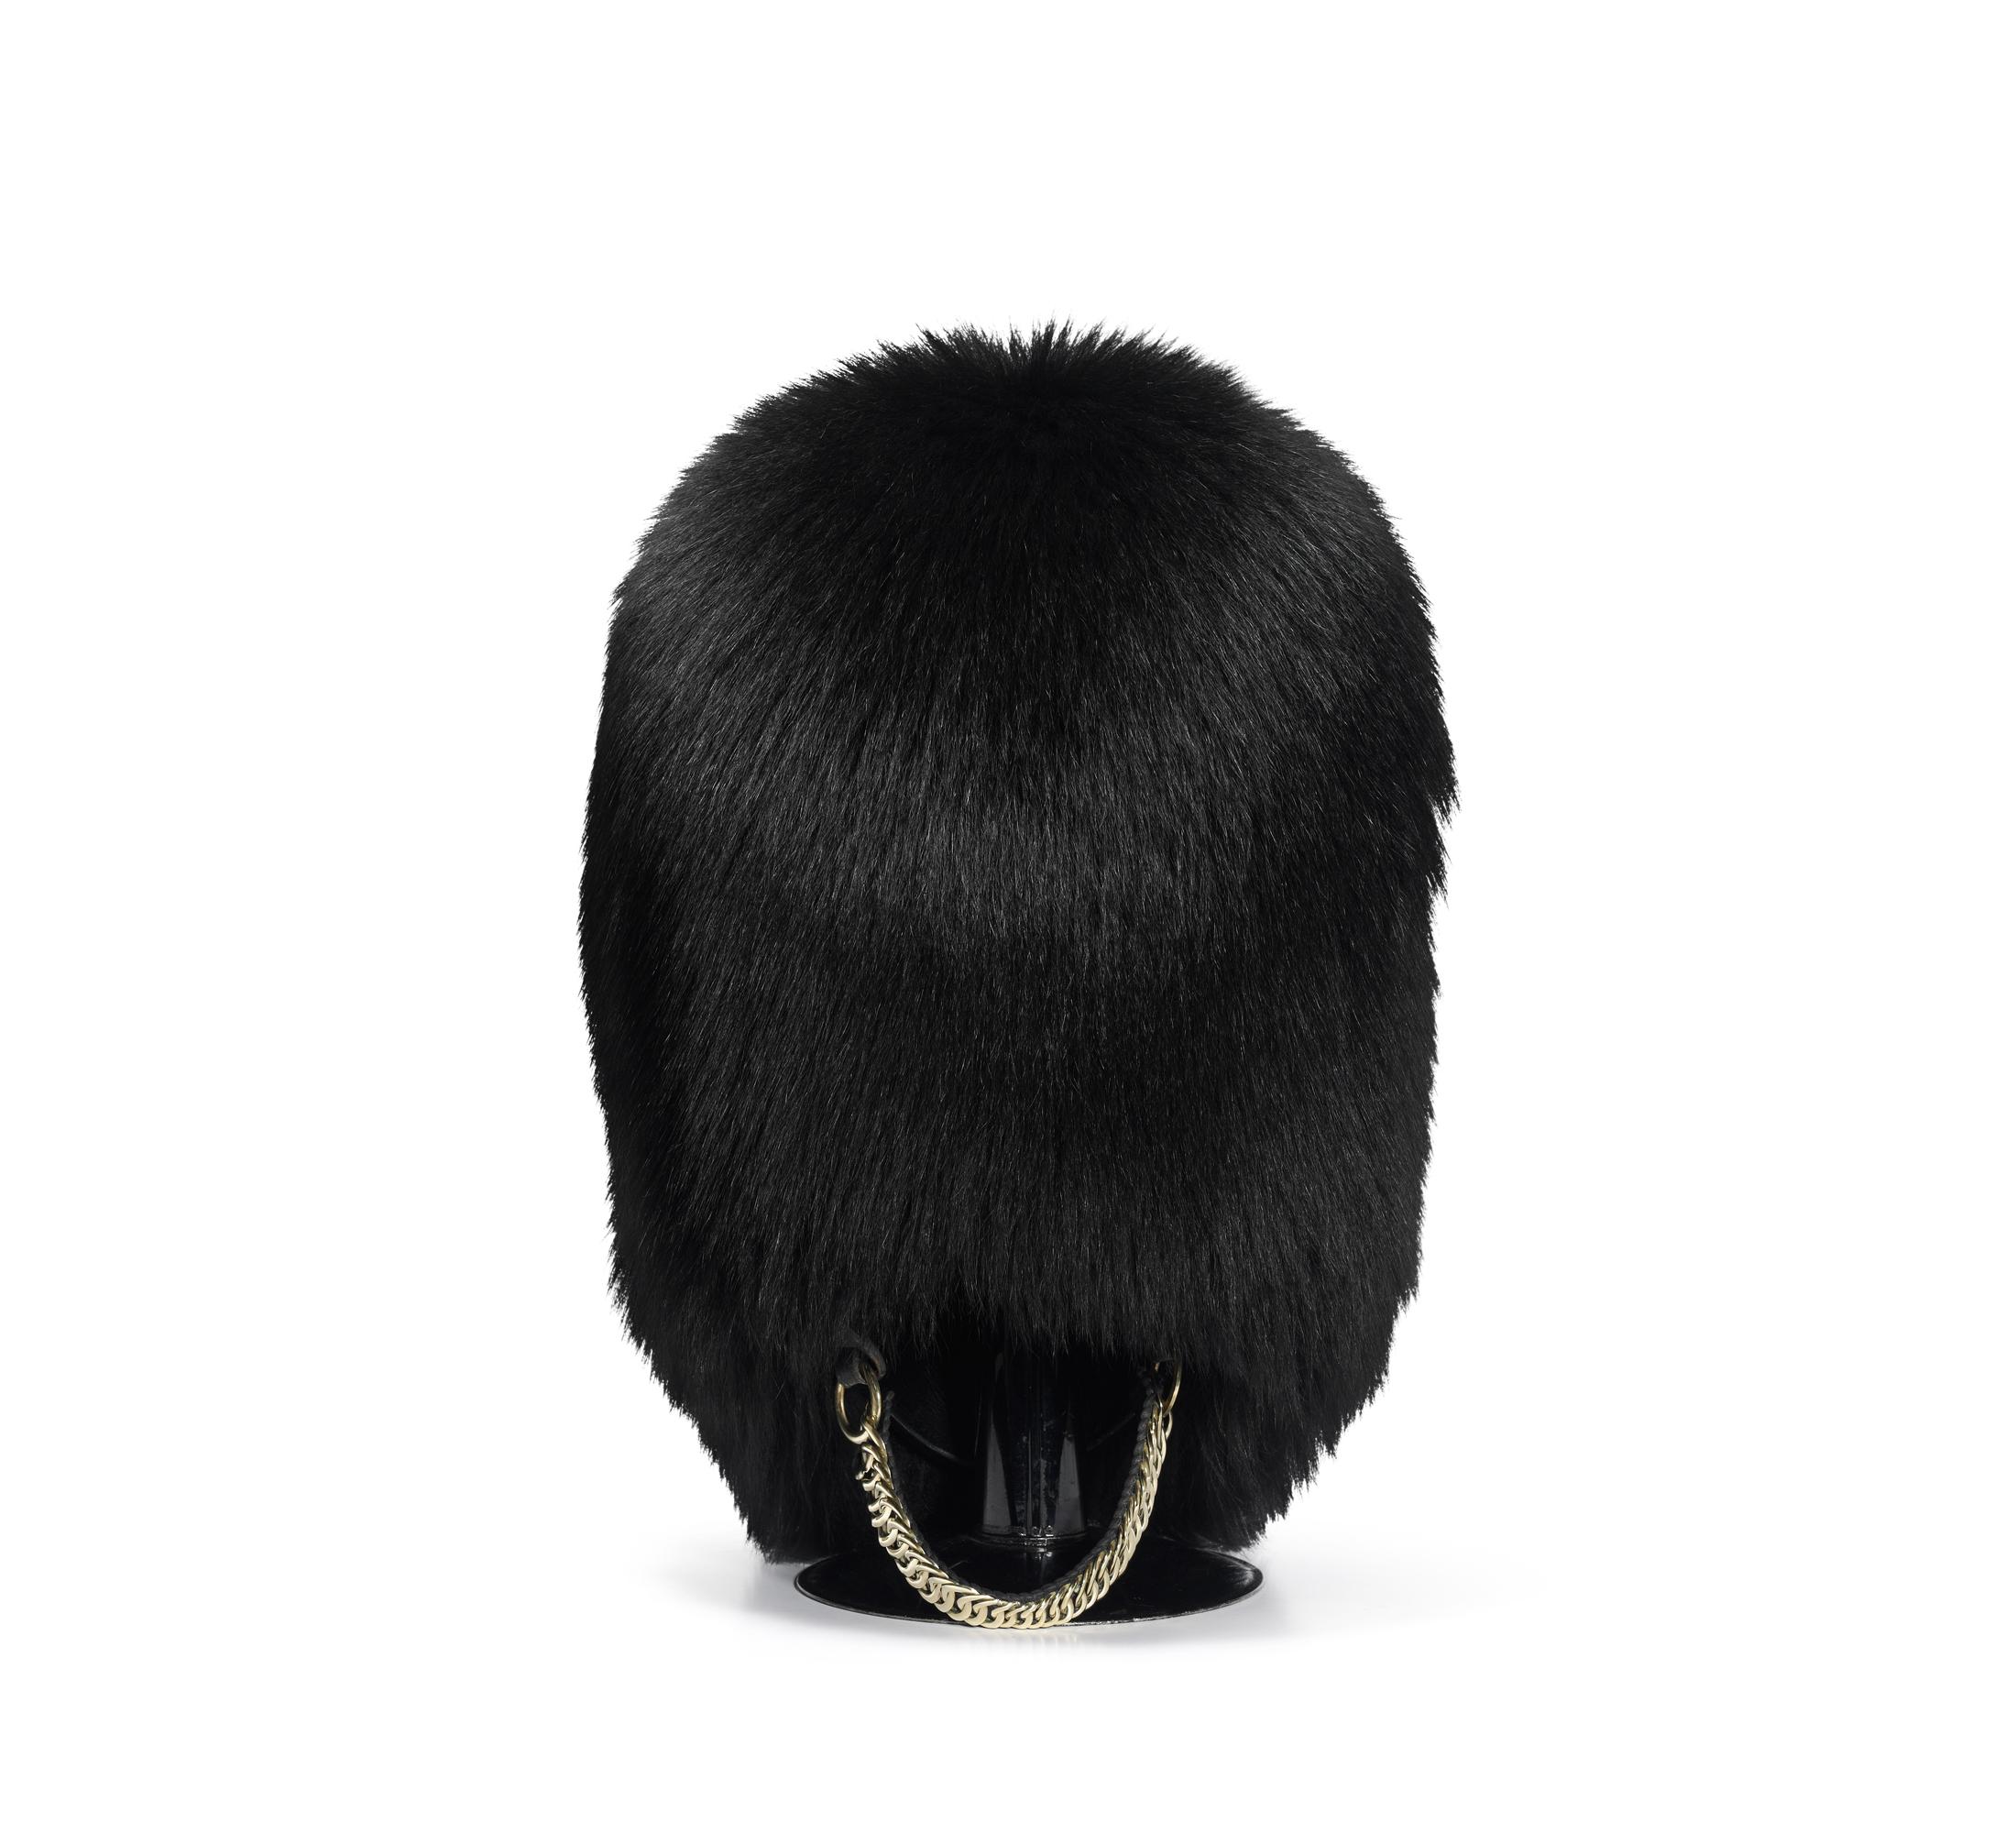 bearskin headdress age of revolution